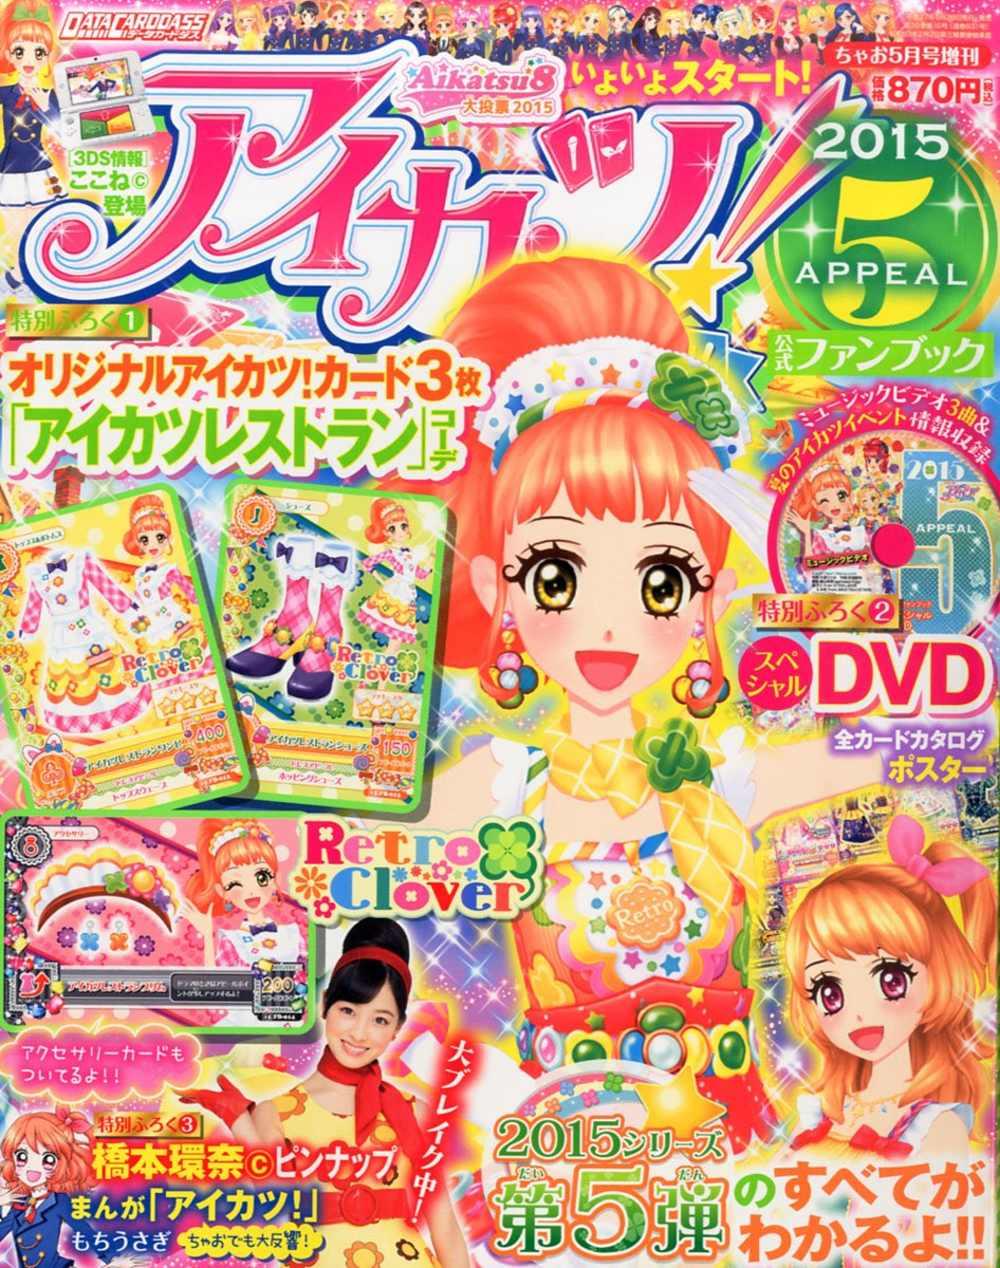 AIKATSU偶像學園!公式遊戲繪本2015 APPEAL 5:附錄組